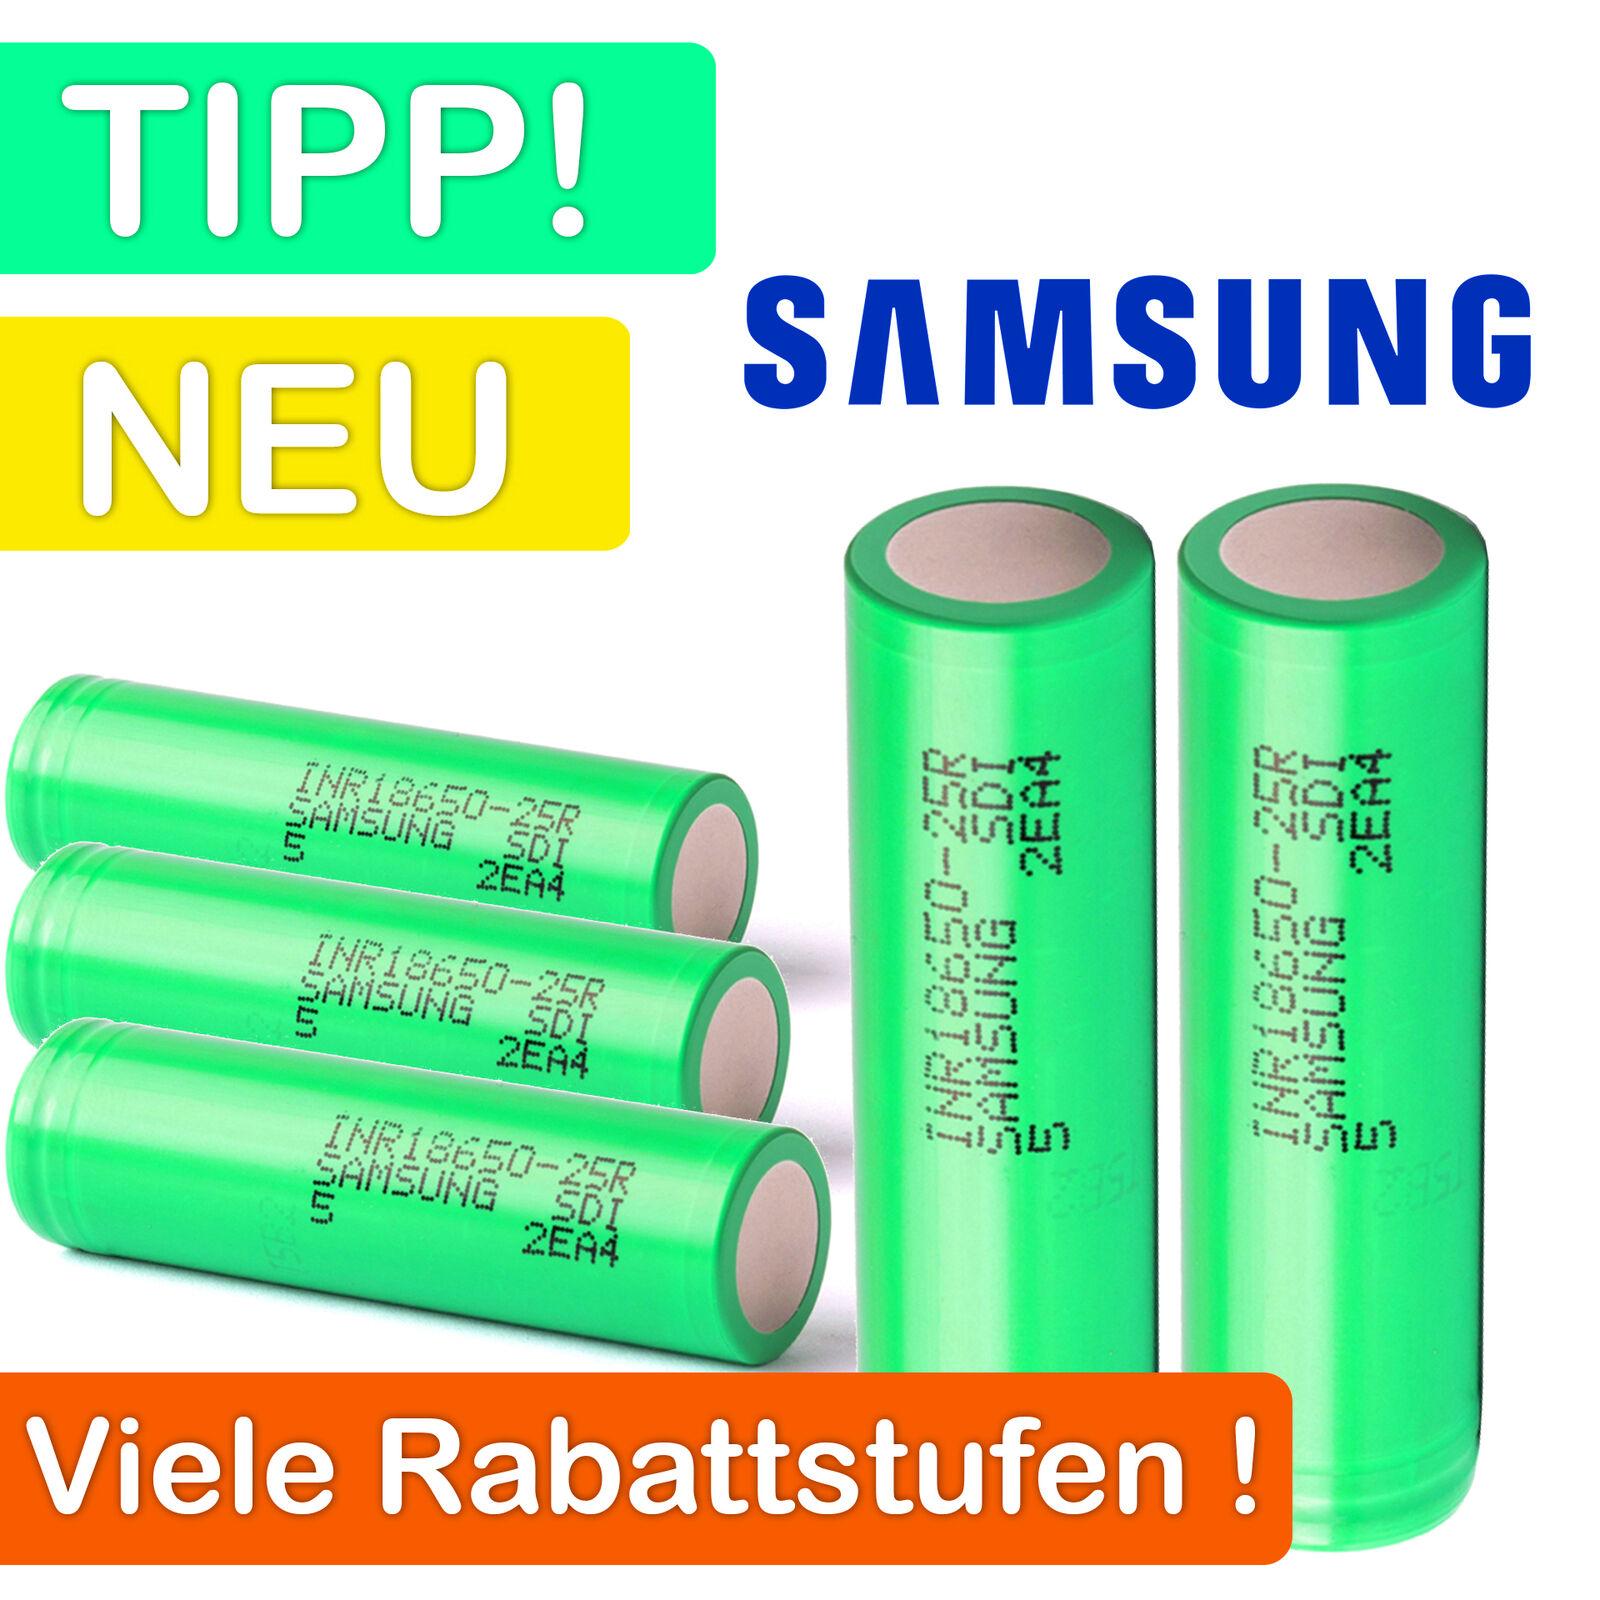 Аккумуляторы для электронных сигарет 18650 купить в москве большие пачки сигарет купить